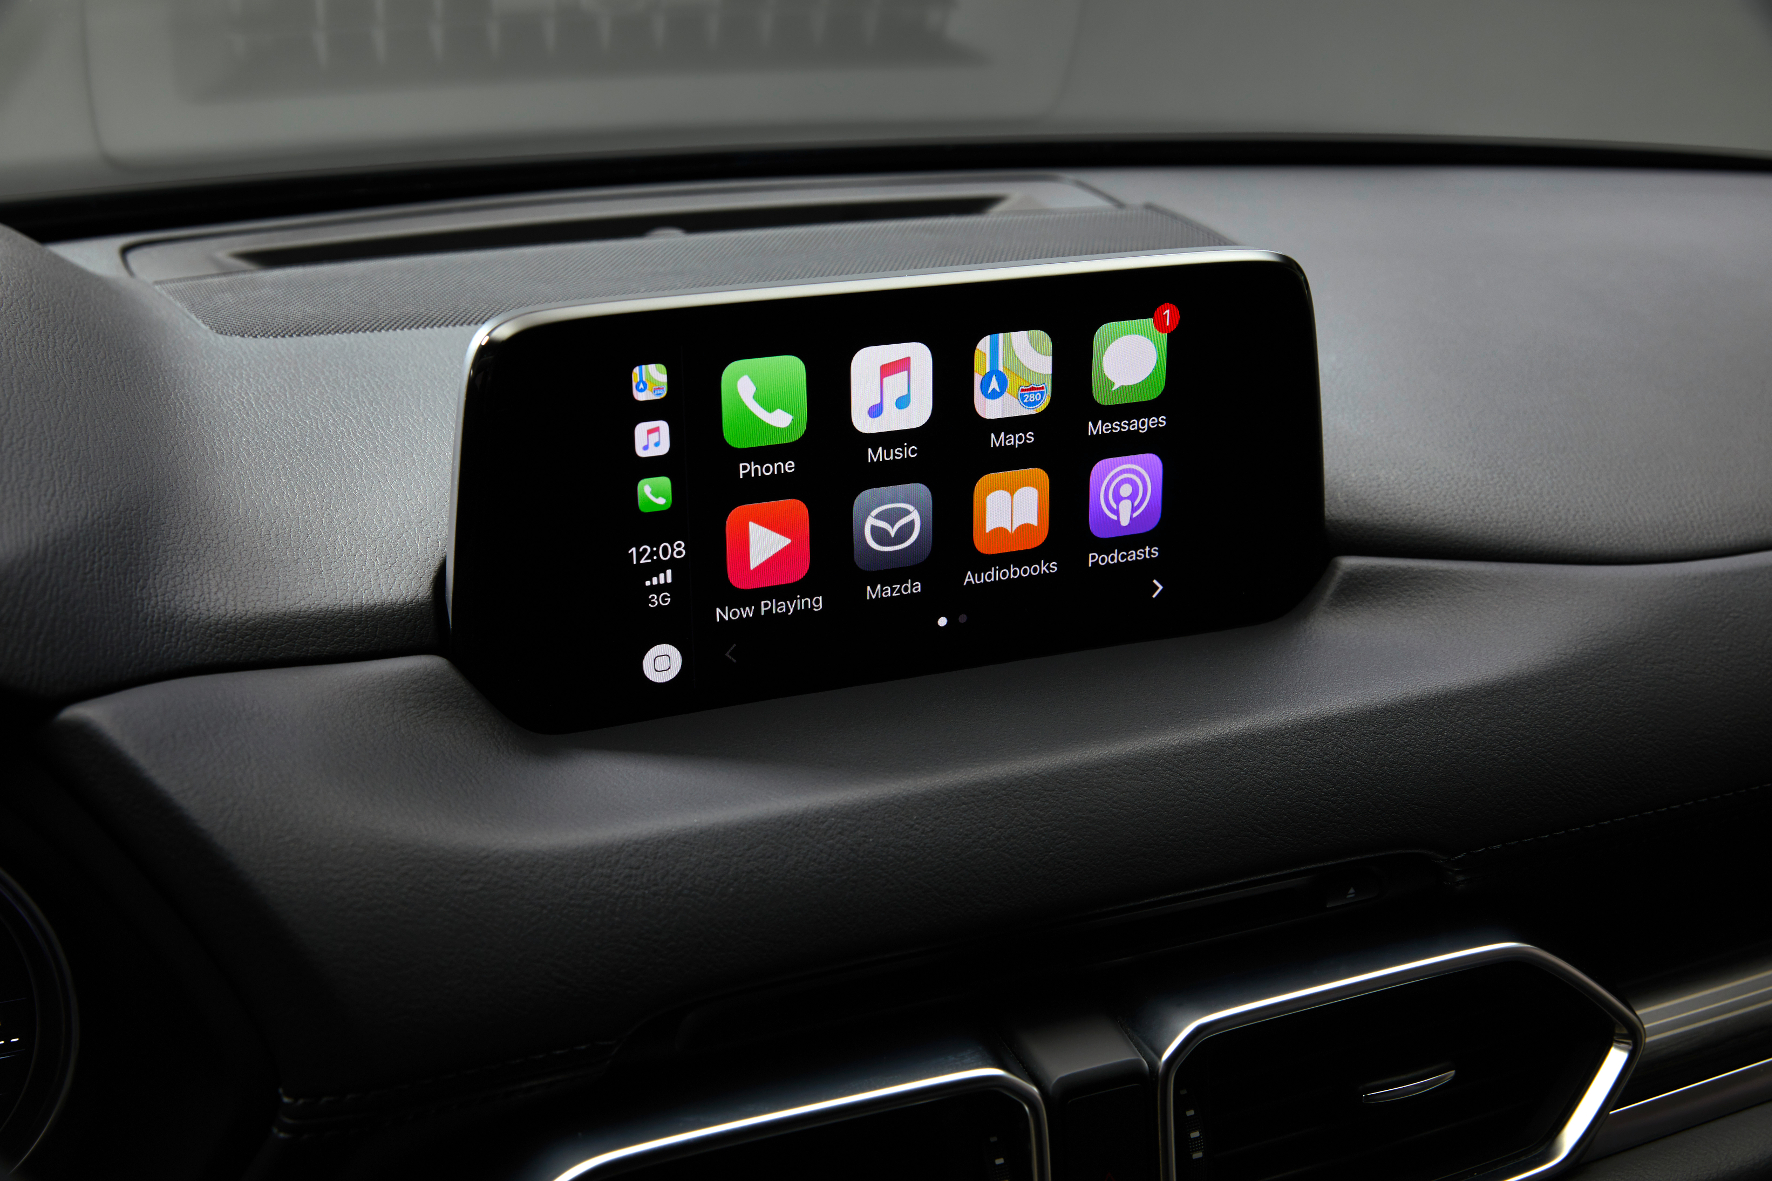 Mit dem neuen Display samt Konnektivität befindet sich das Infotainment im Mazda CX-5 auf dem technologischen Stand der heutigen Zeit.